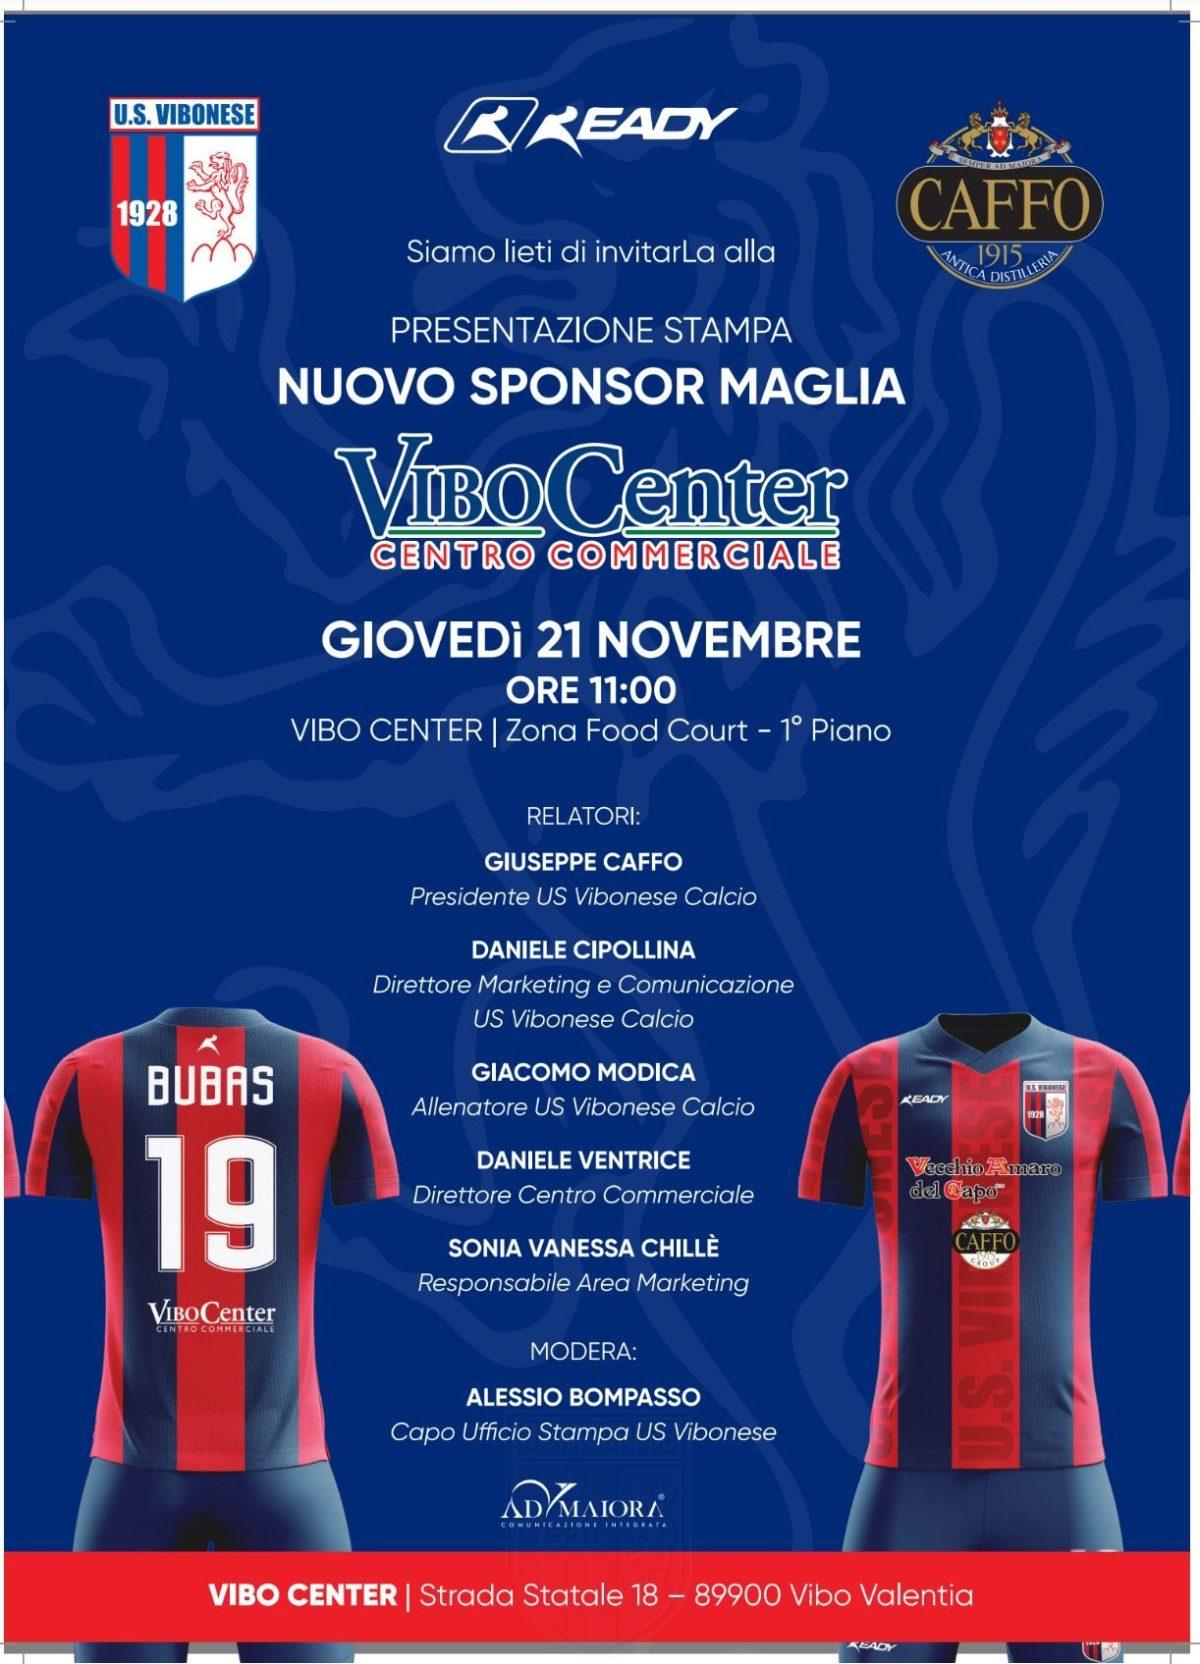 """Nuovo sponsor e nuovo store, il """"Vibo Center"""" sposa il progetto rossoblu immagine 13855 US Vibonese Calcio"""